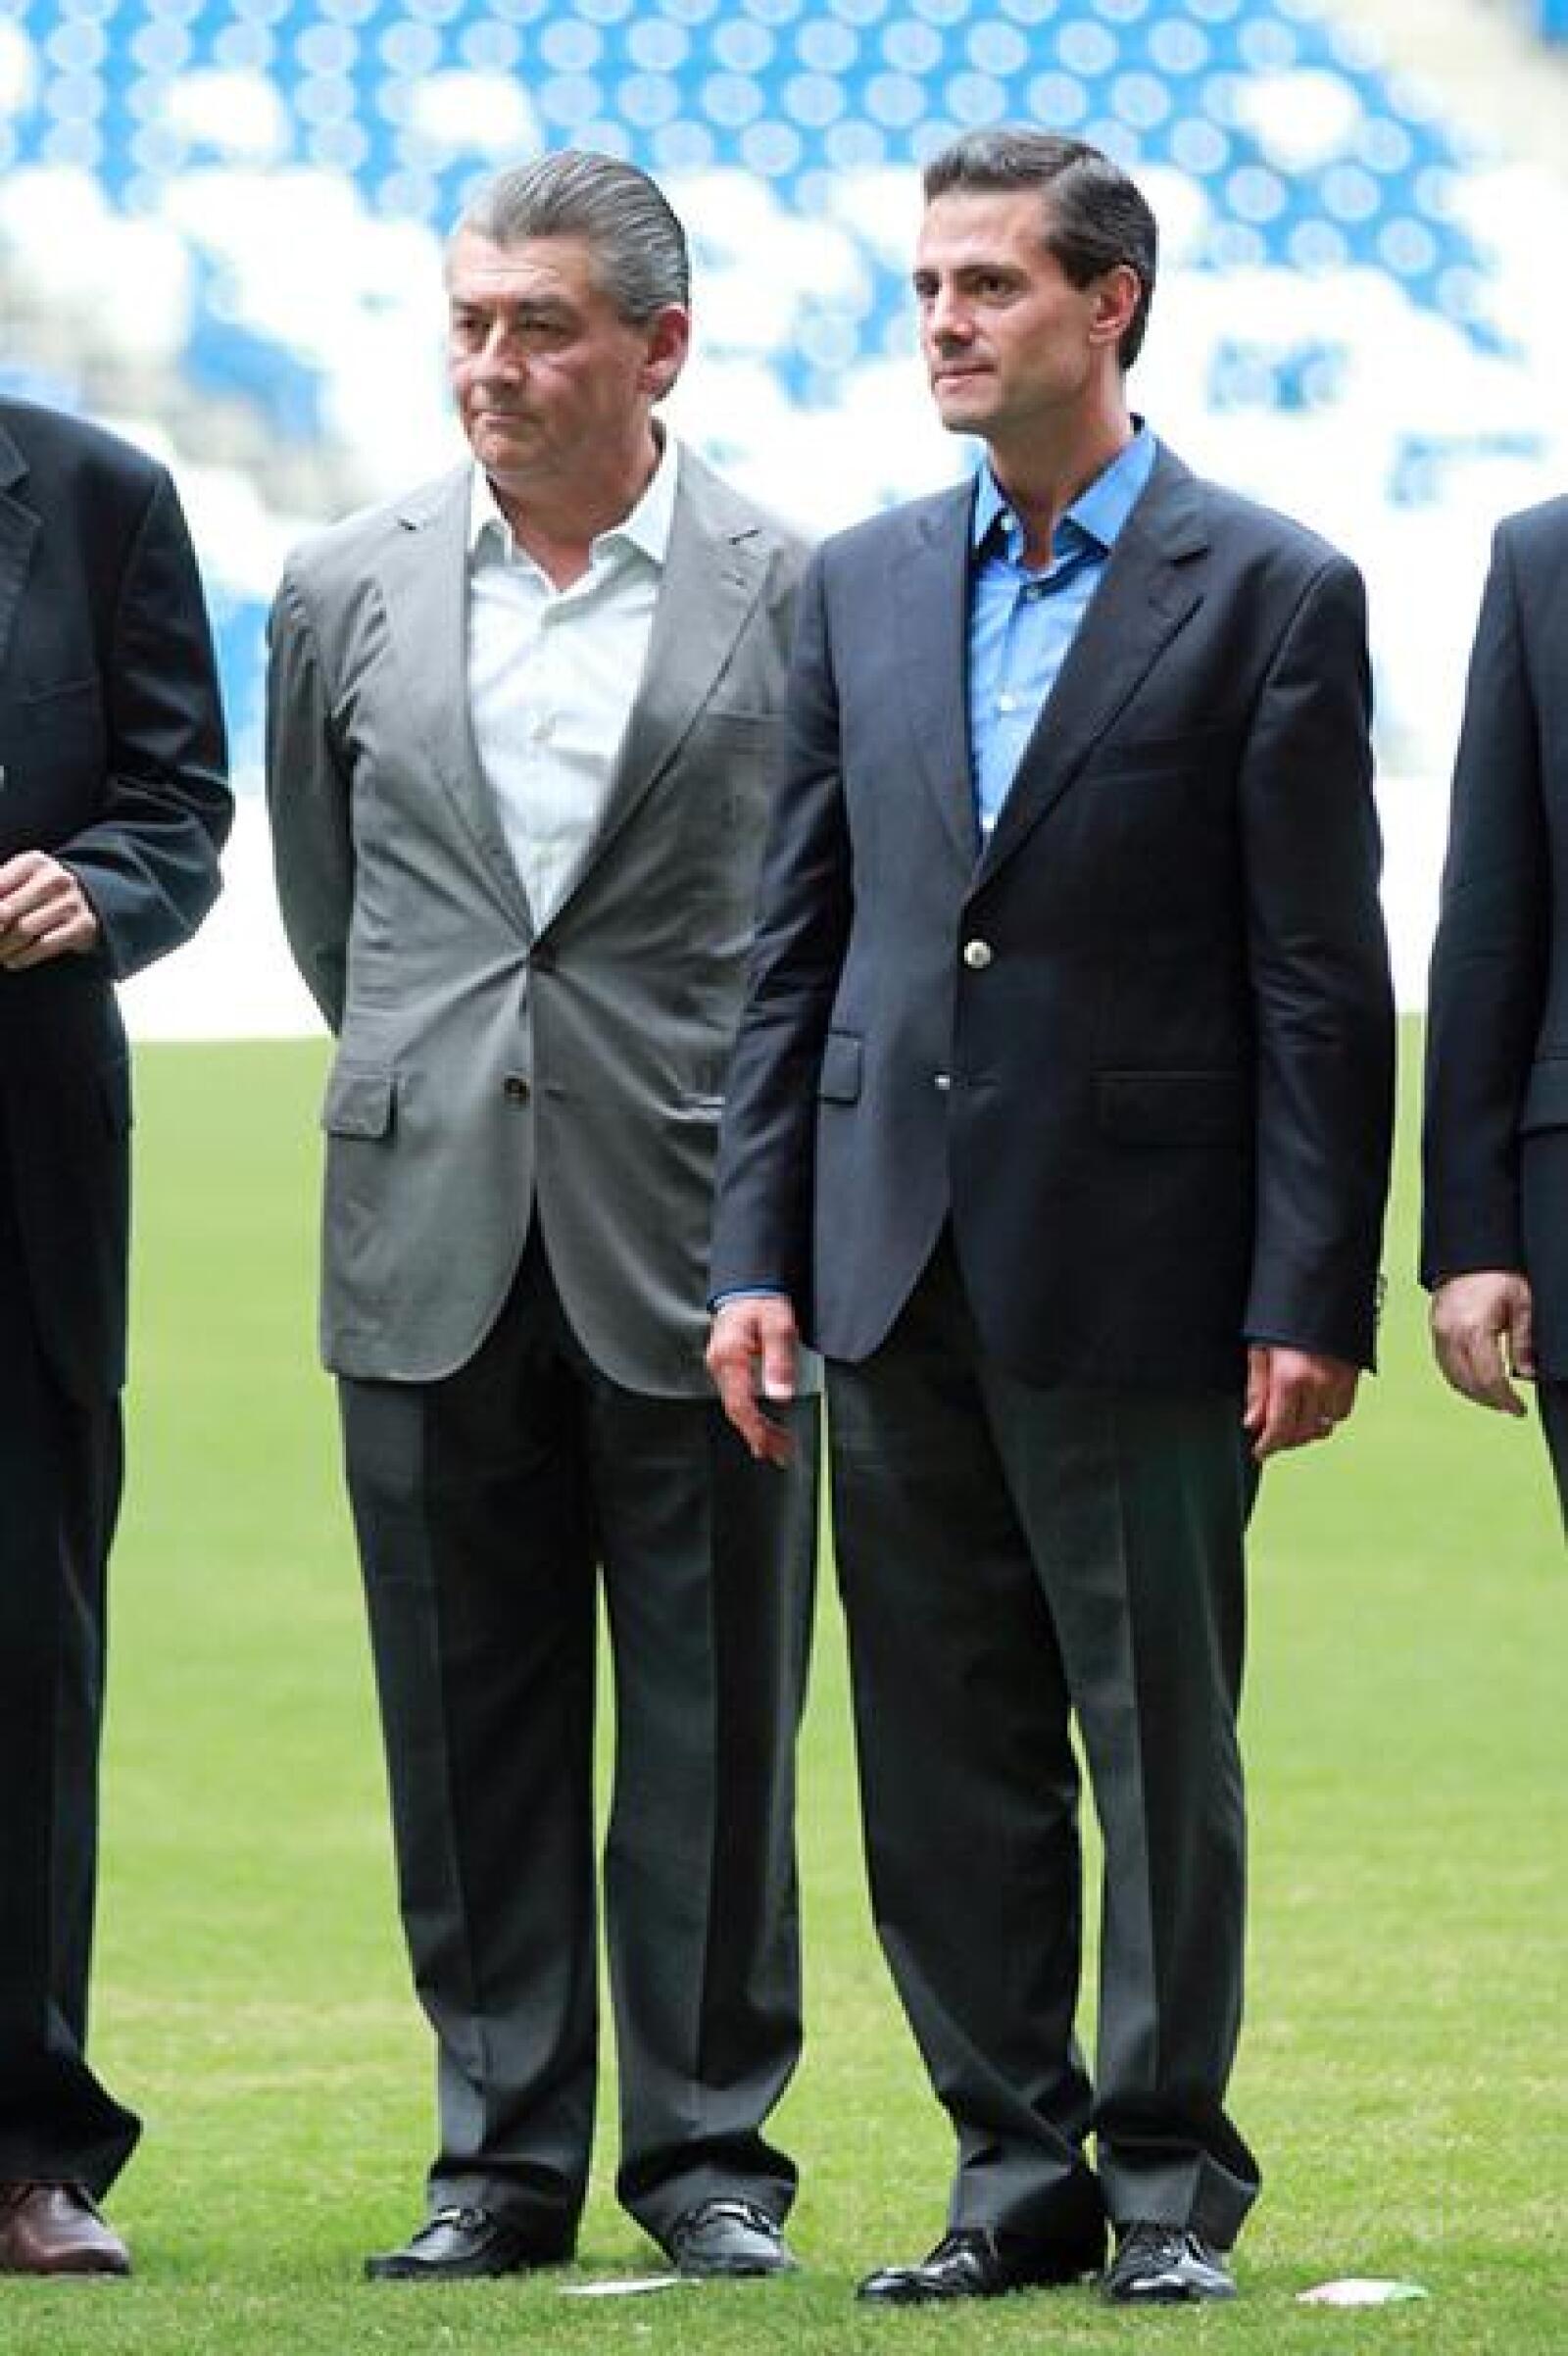 José Antonio Fernandez y Enrique Pena Nieto